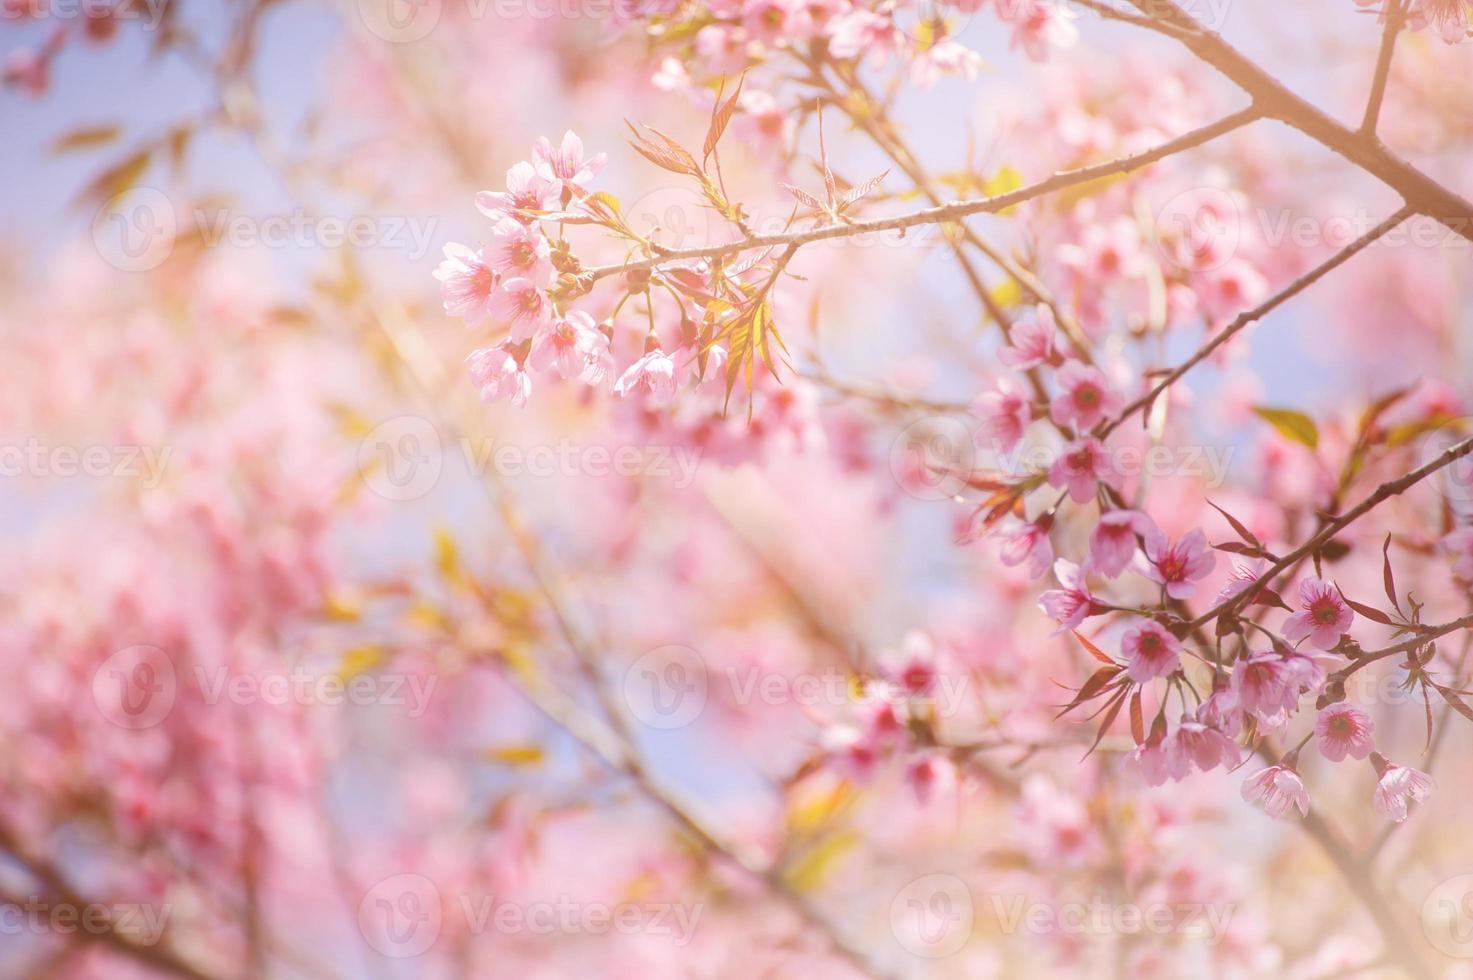 Fleurs de cerisier rose contre un ciel bleu photo